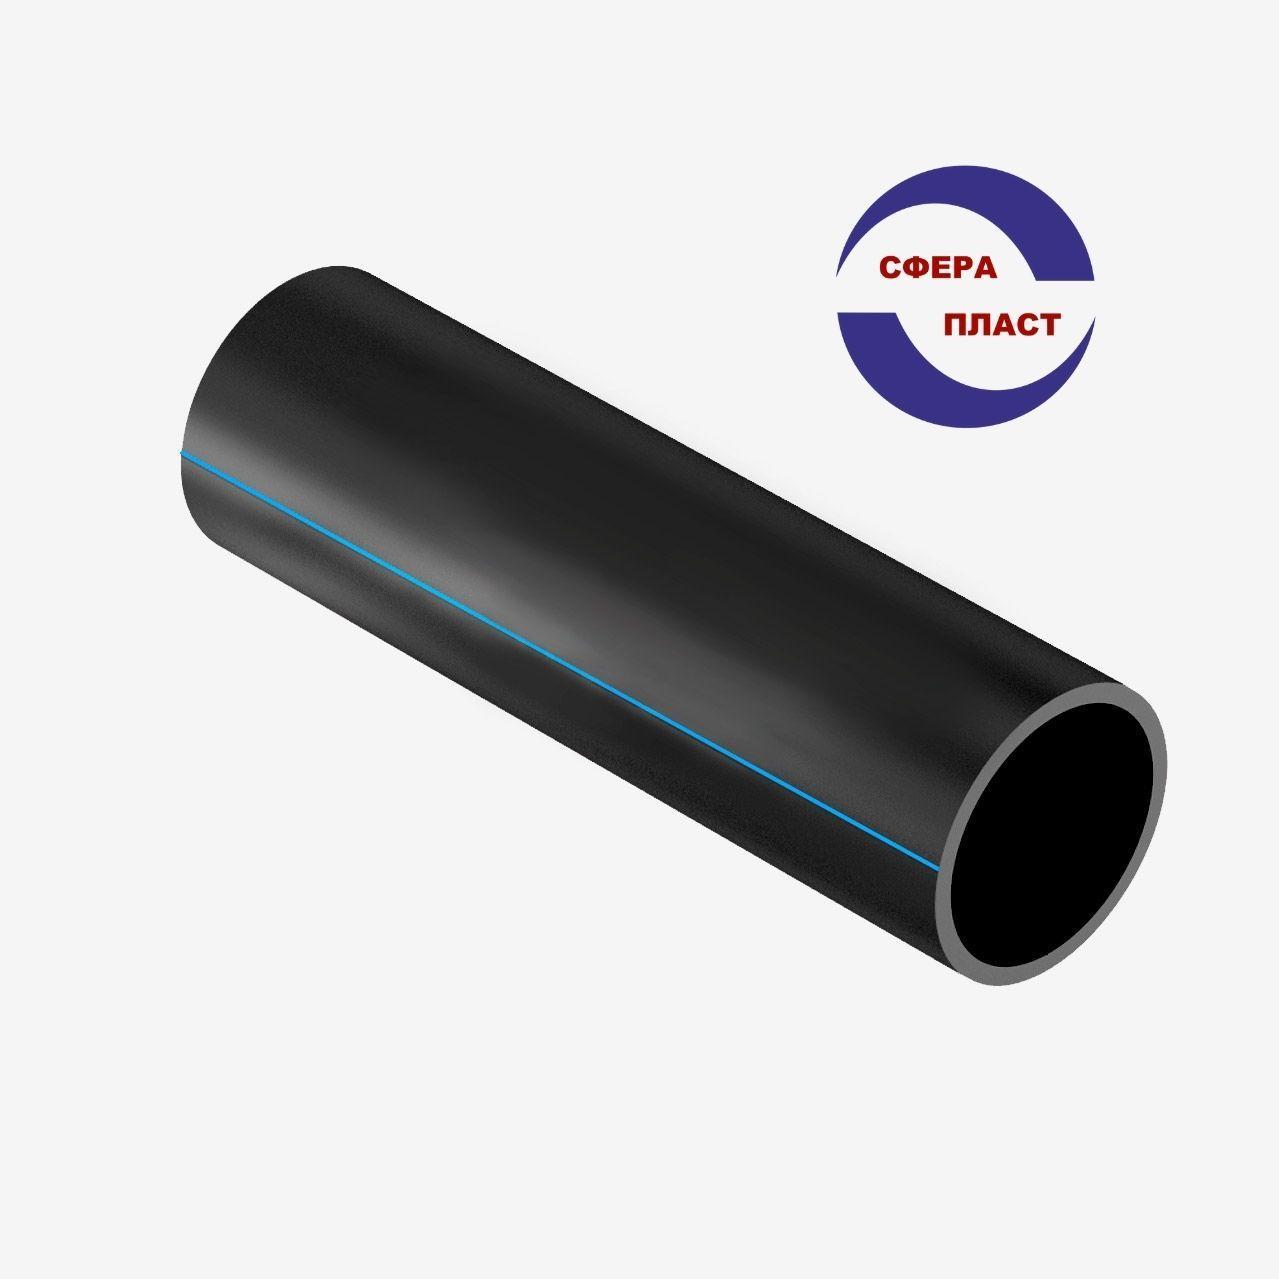 Труба Ду-63x5,8 SDR11 (16 атм полиэтиленовая ПЭ-100)